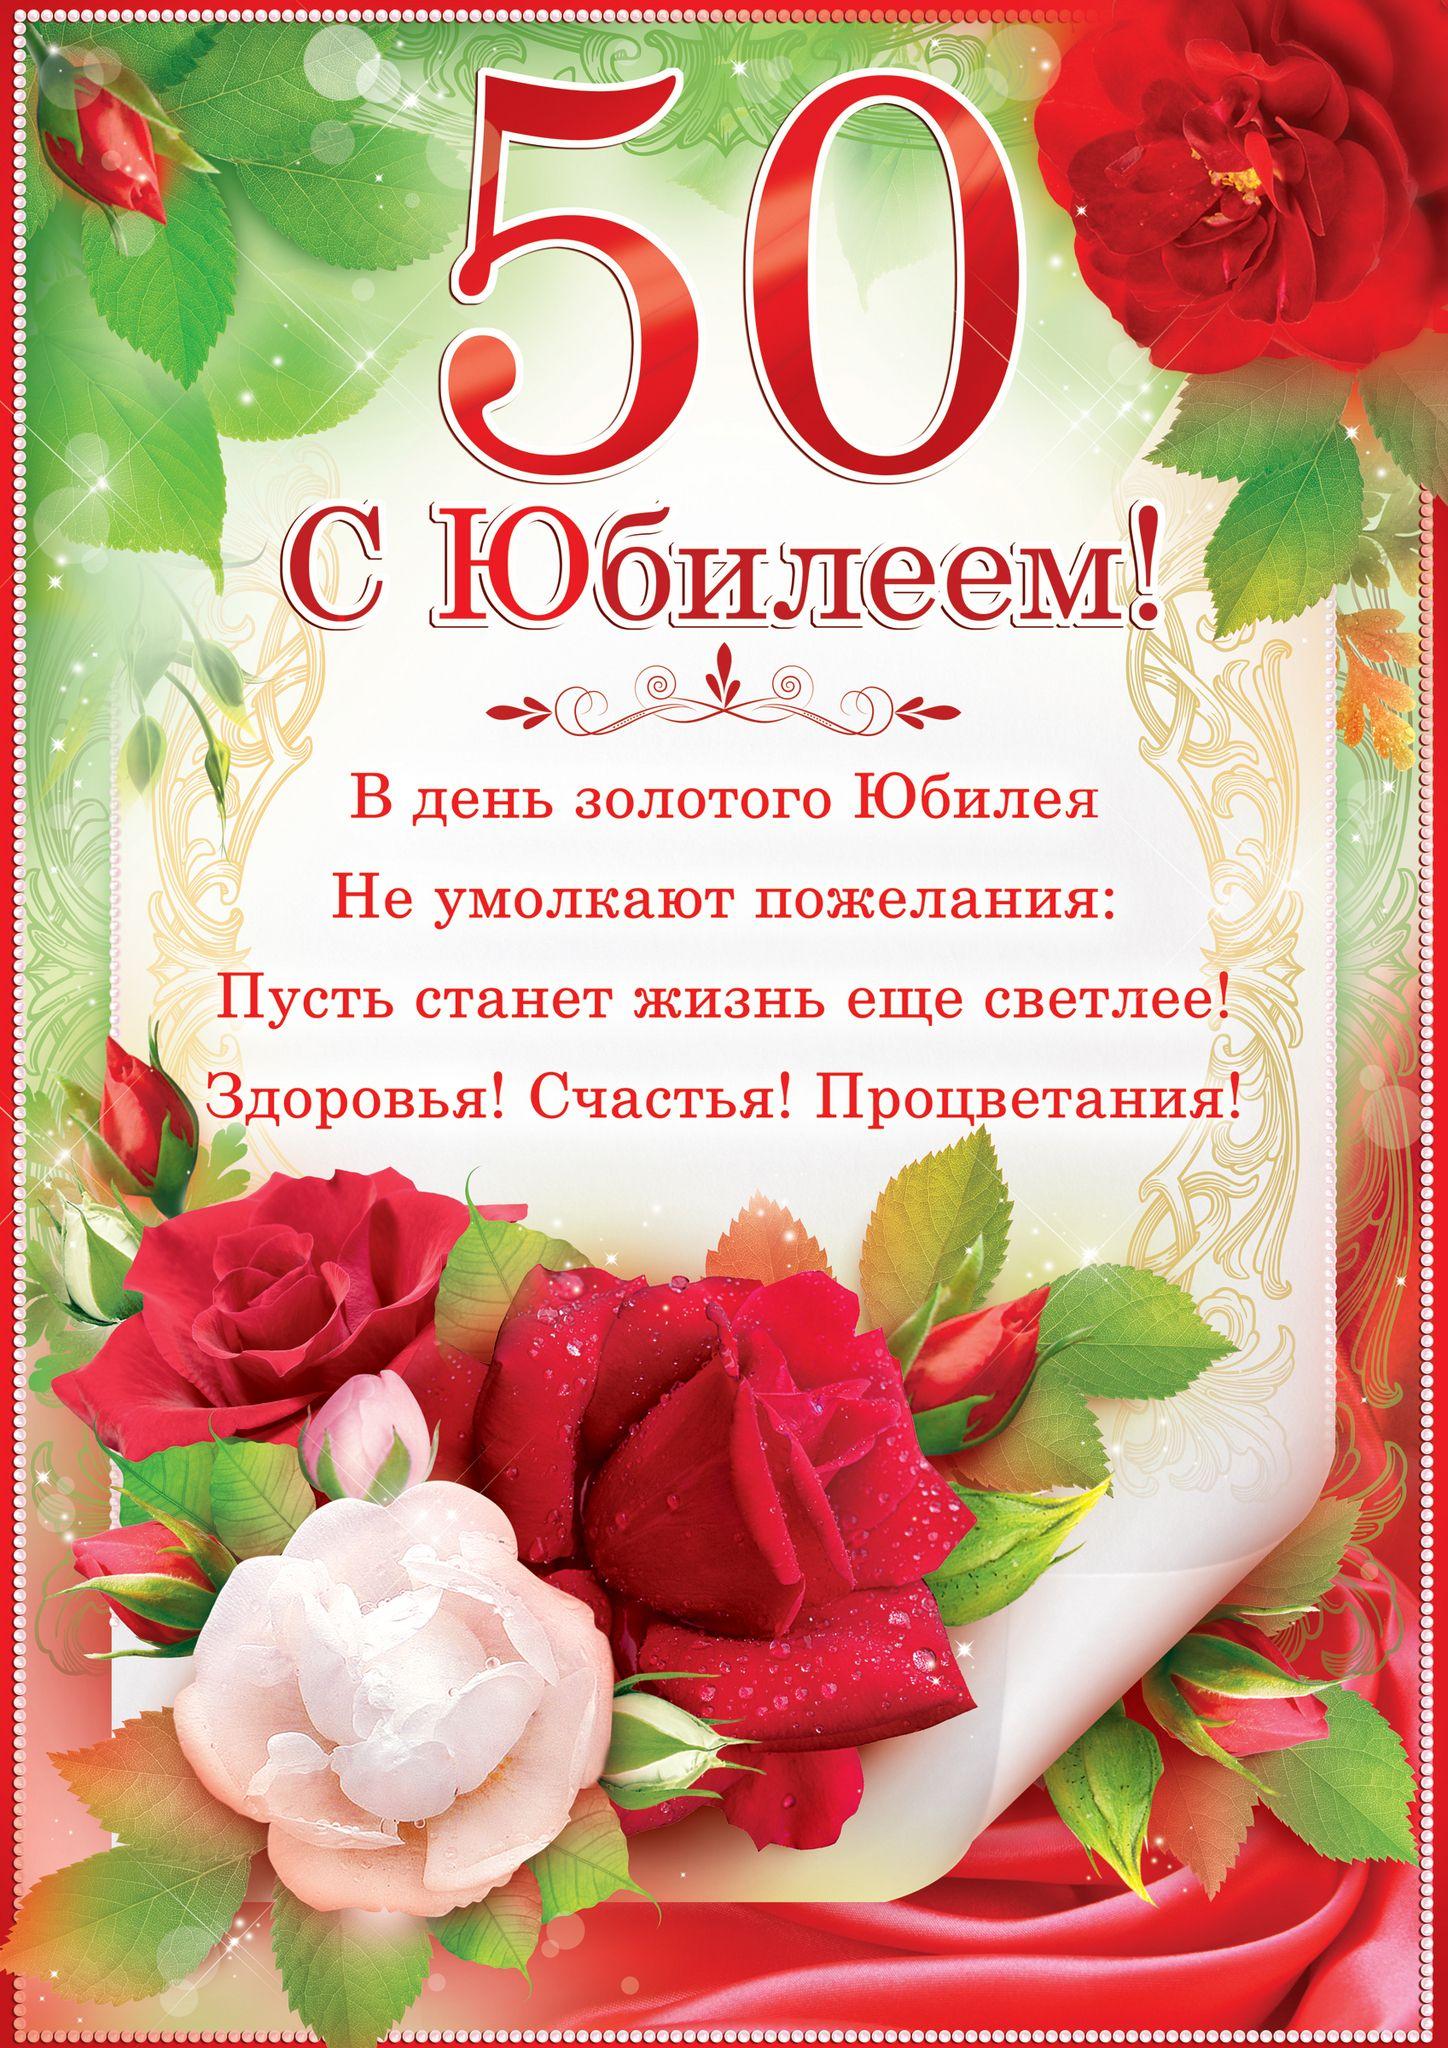 Поздравительные открытки с пятидесятилетием на день рождения